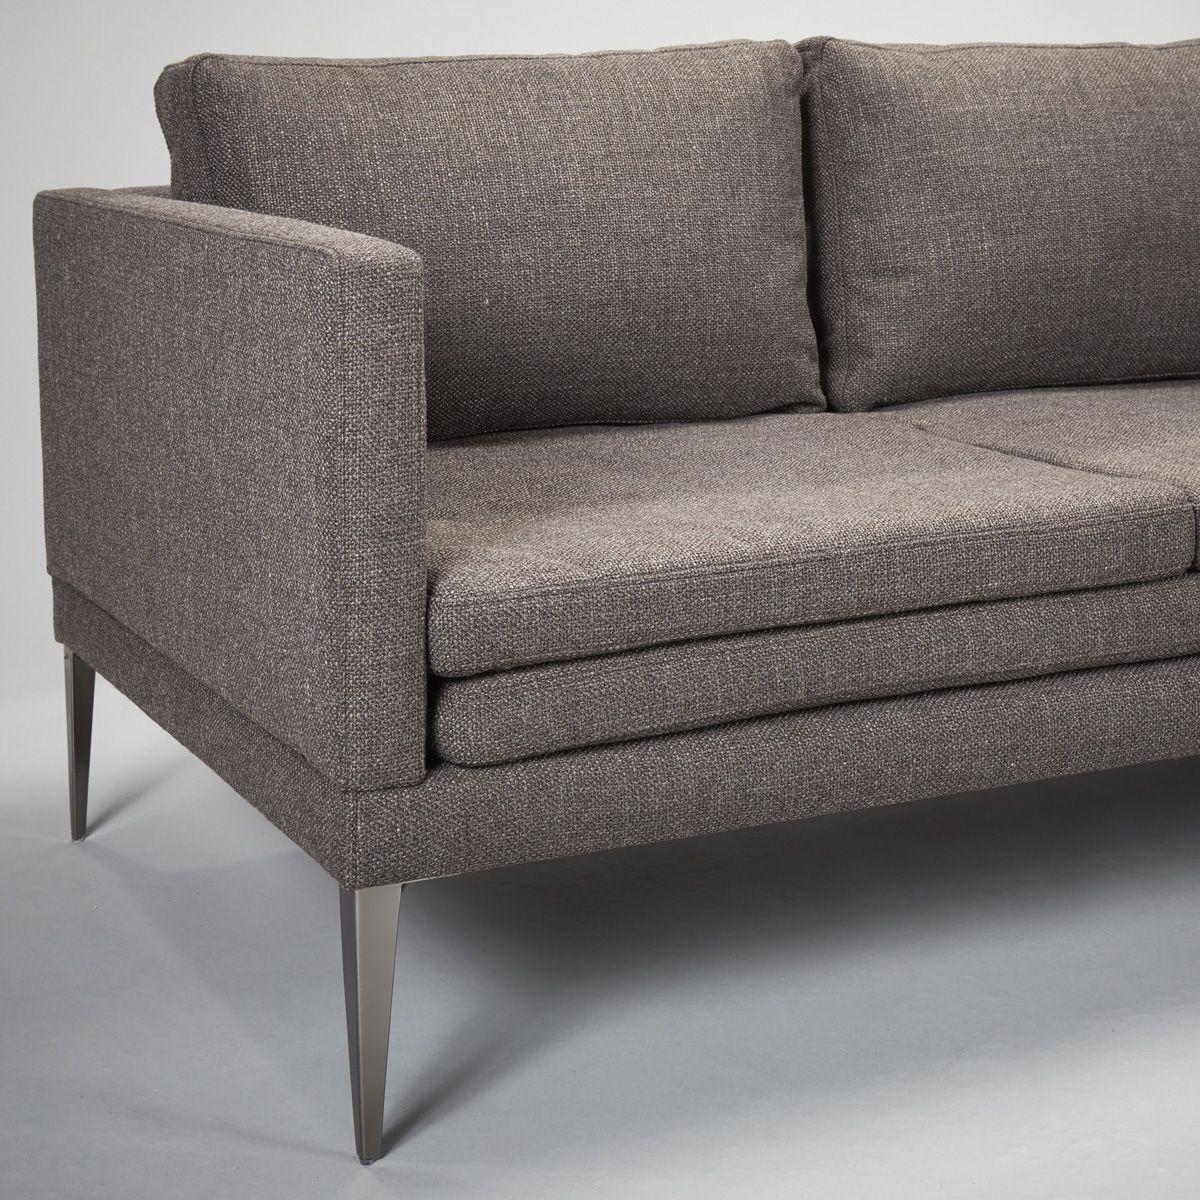 Stock Hoxton Sofa In Bermuda Dark Grey | Robert.langford (View 22 of 25)